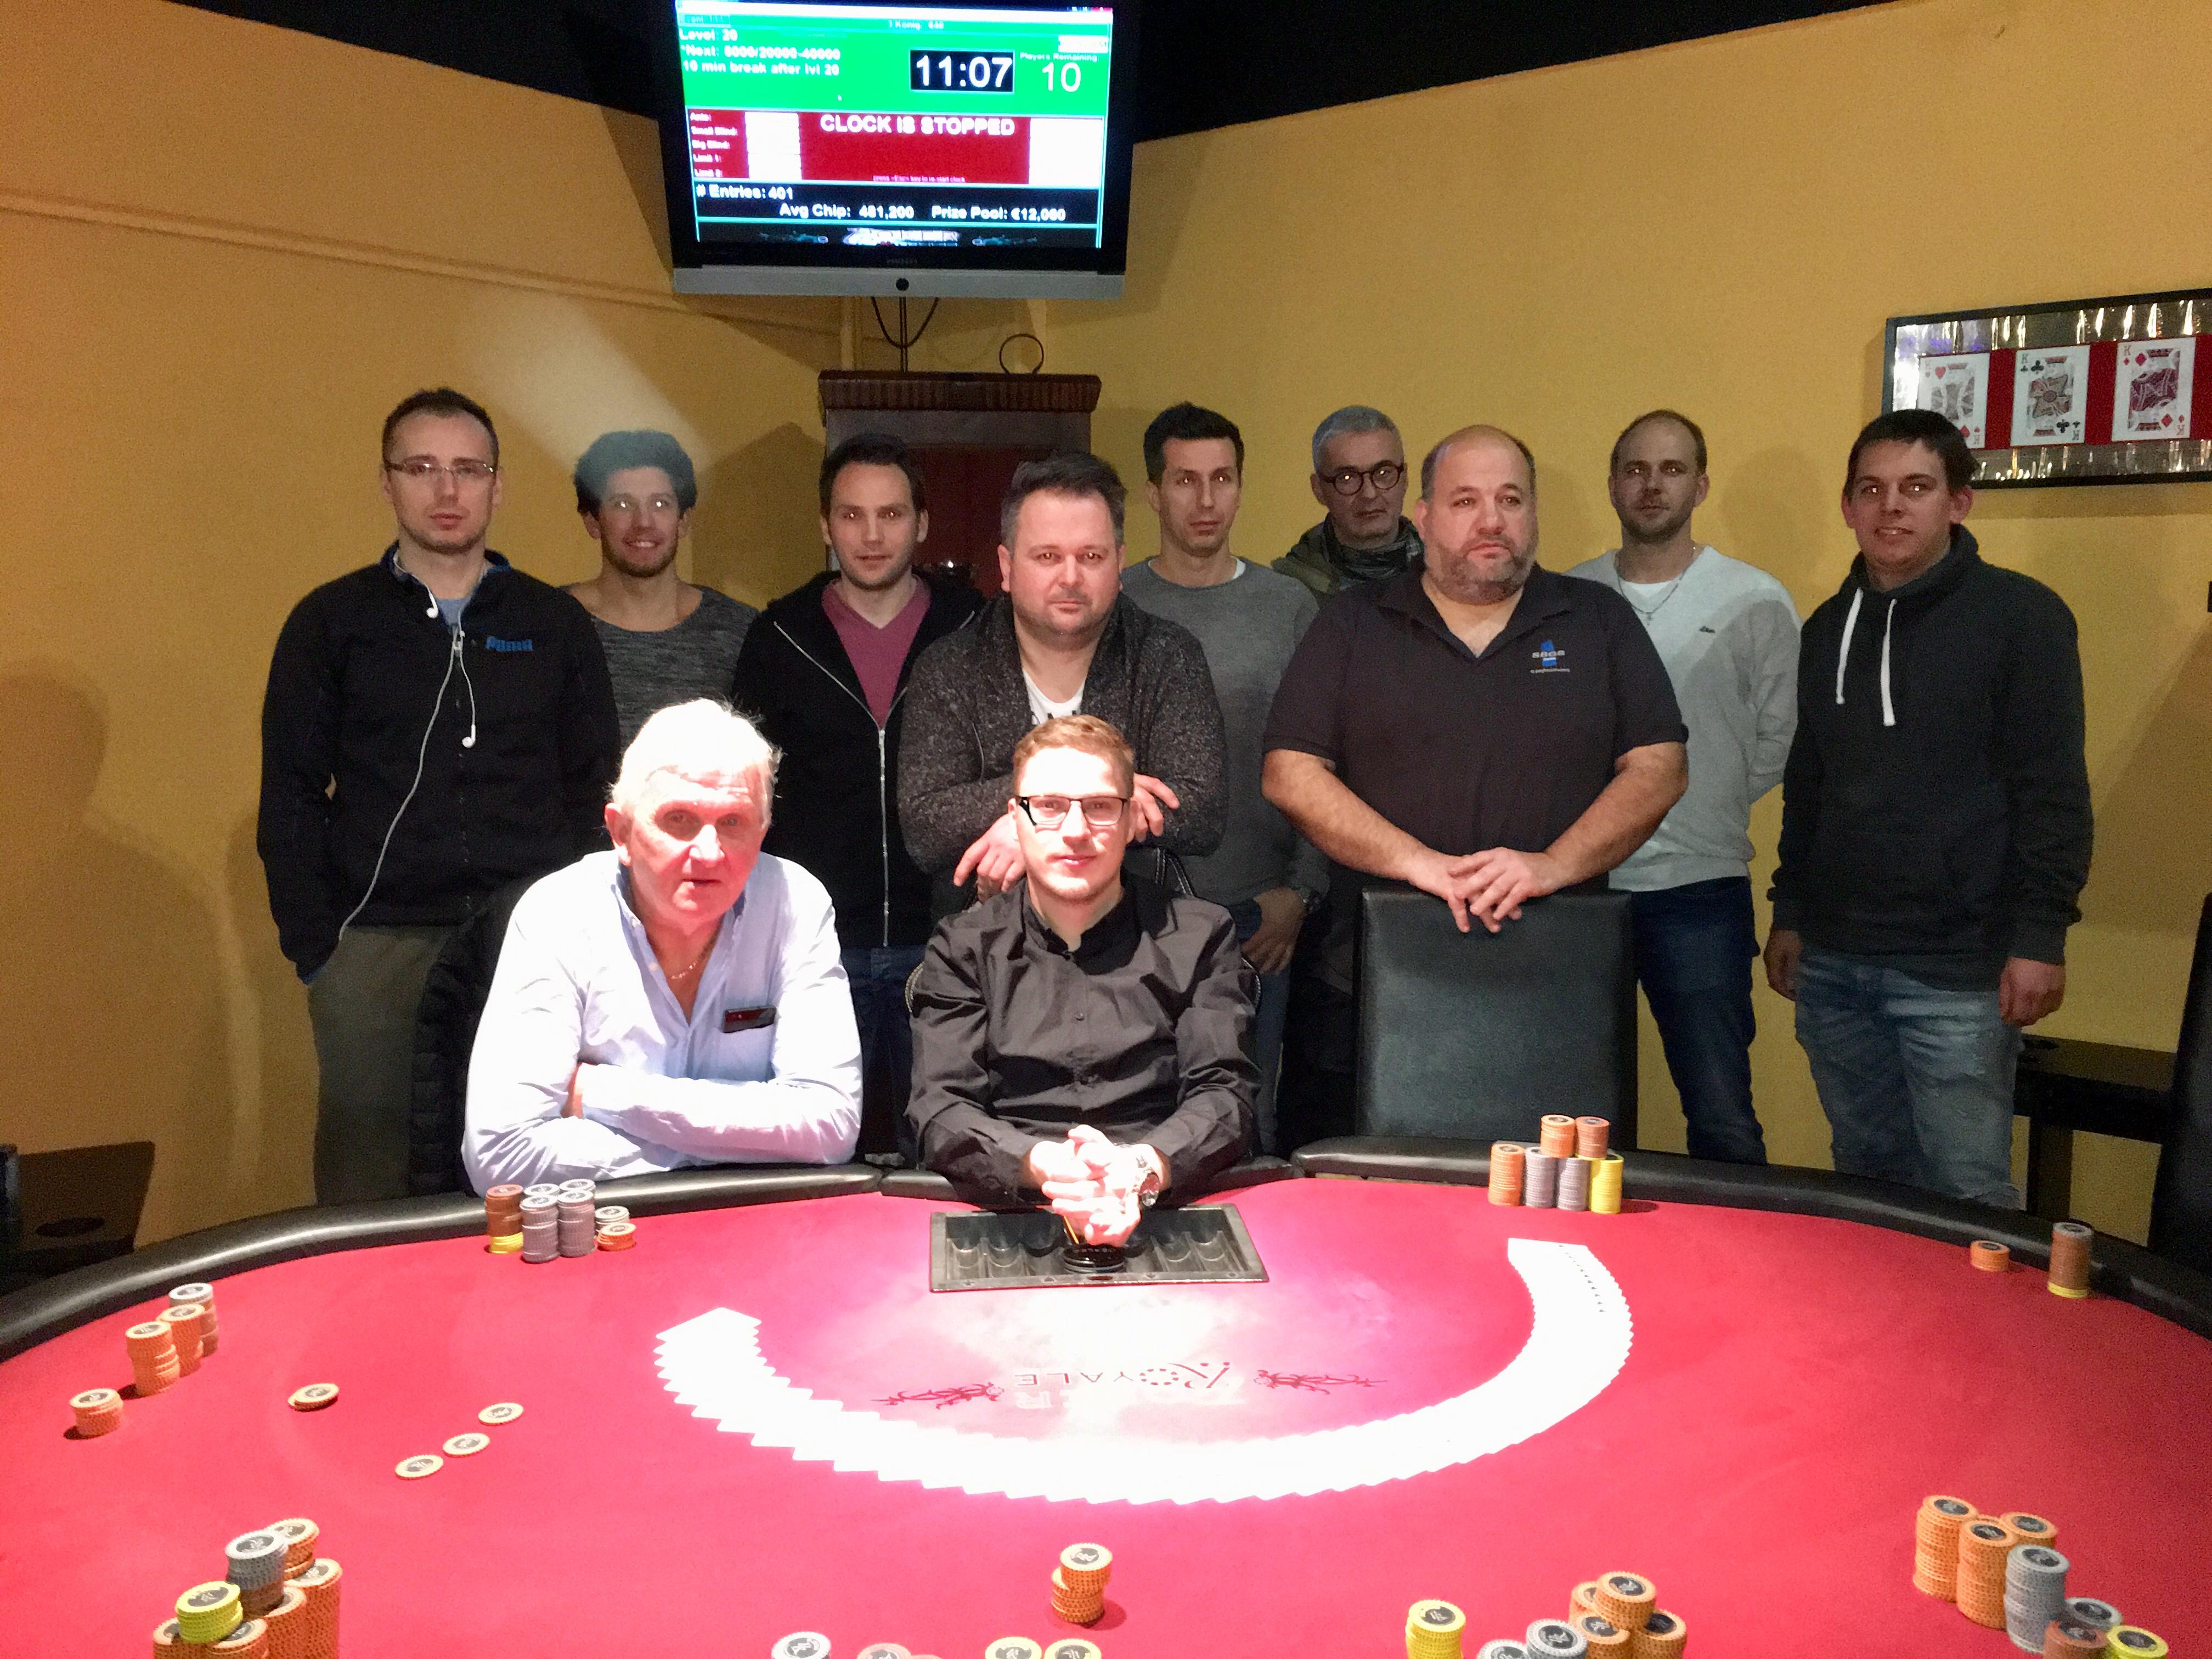 8 Way Deal Beendet Das 3 Konigsturnier Im Poker Royale Wiener Neustadt Pokerfirma